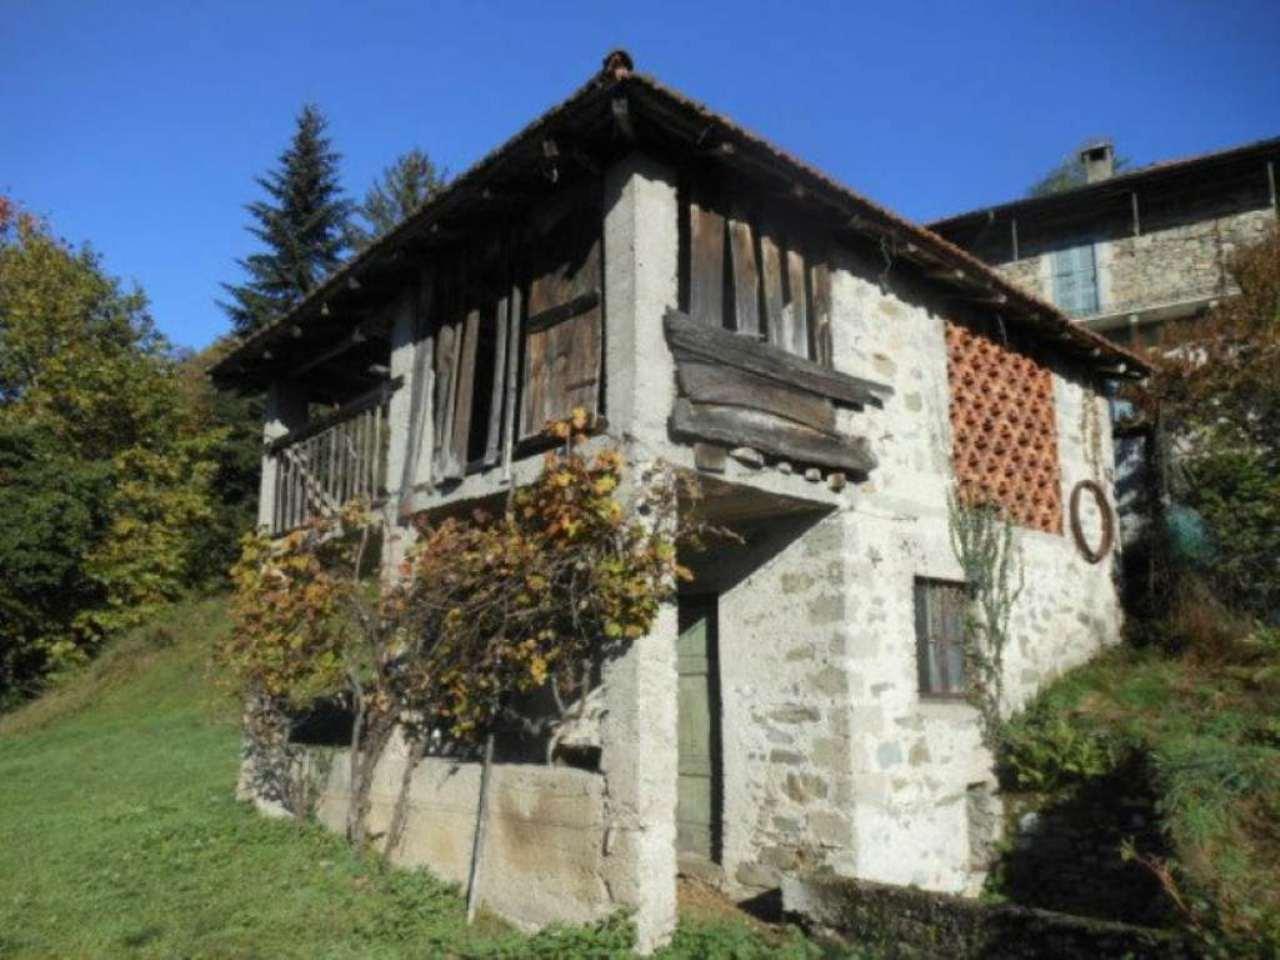 Rustico / Casale in vendita a Luino, 3 locali, prezzo € 85.000 | CambioCasa.it